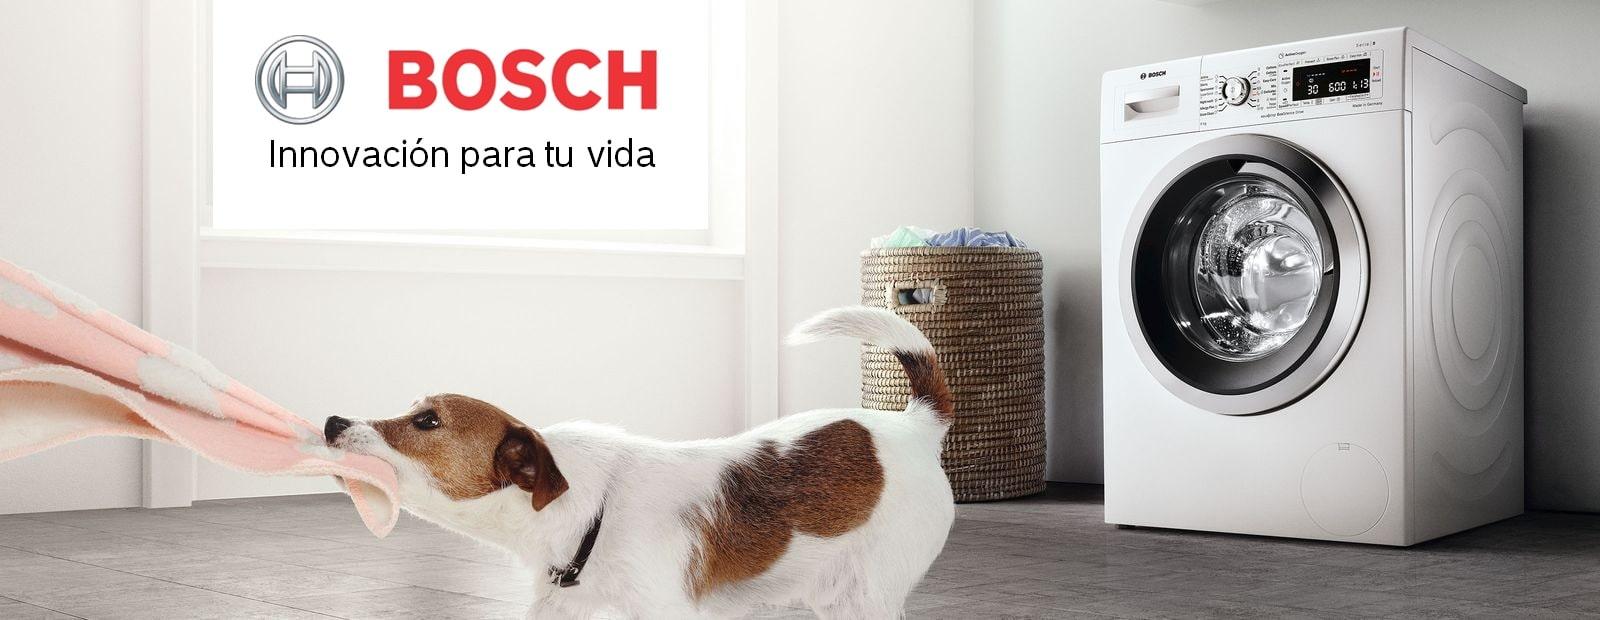 Electrodomésticos Bosch selección